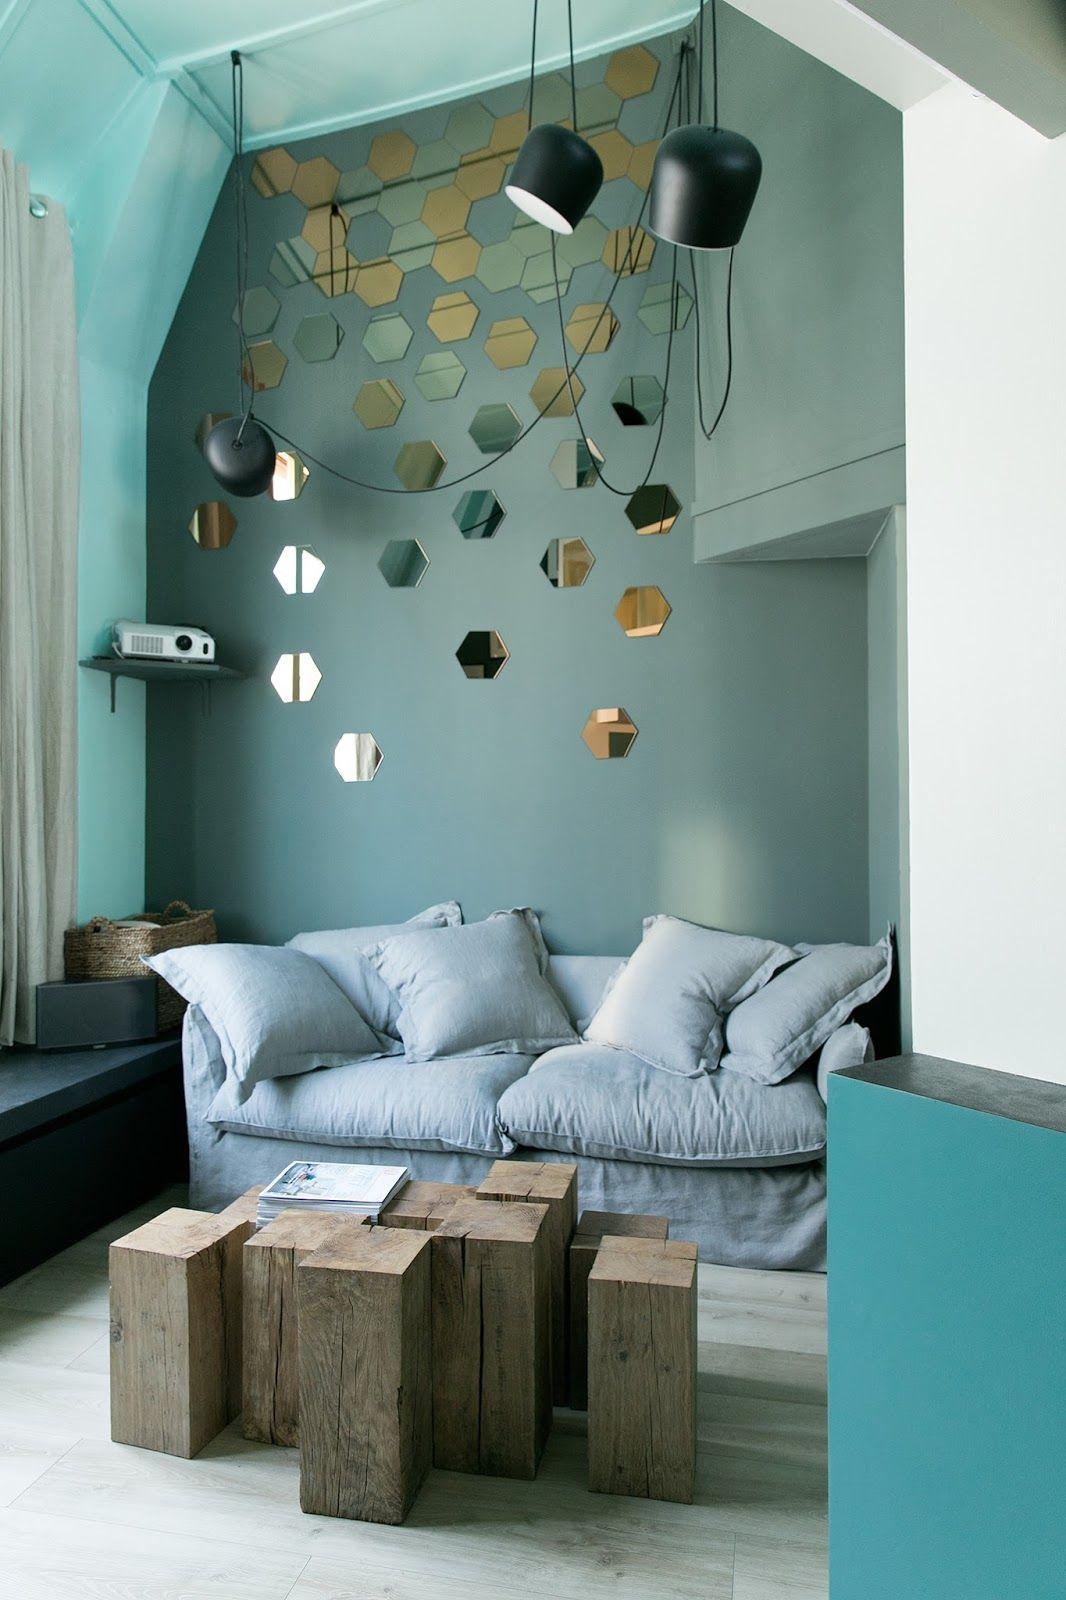 Cliquez Sur Les Liens Pour Lire Les Articles En Entier Jolies Demeures Ambiance Retro Et Scandinave Deco Salon Deco Deco Maison